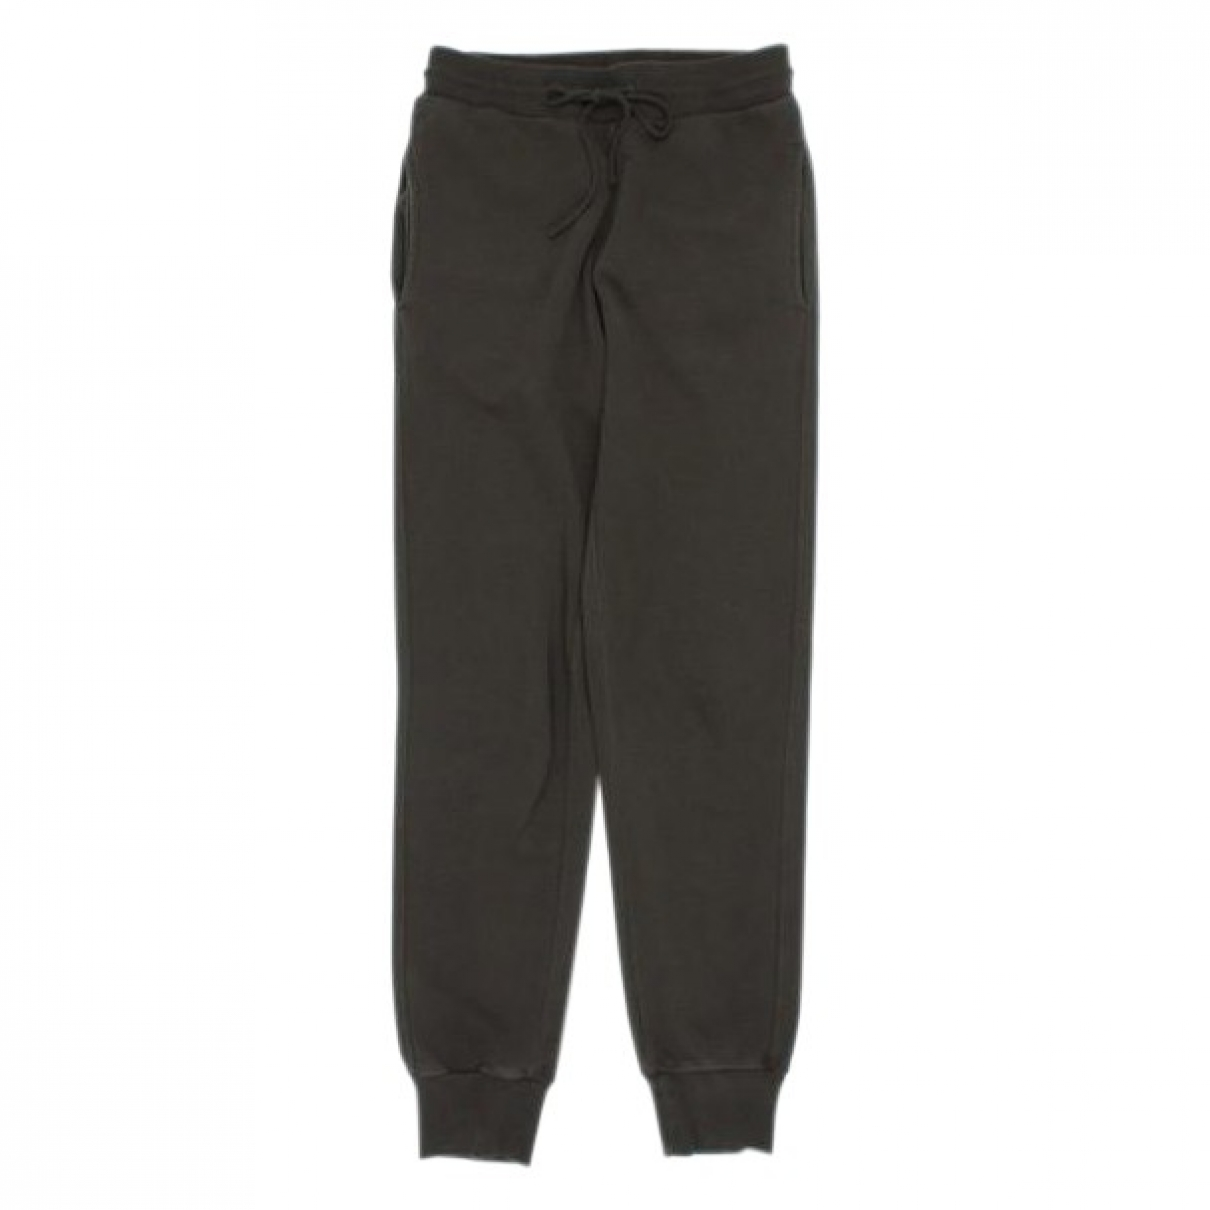 Pantalon en Algodon Verde Dries Van Noten